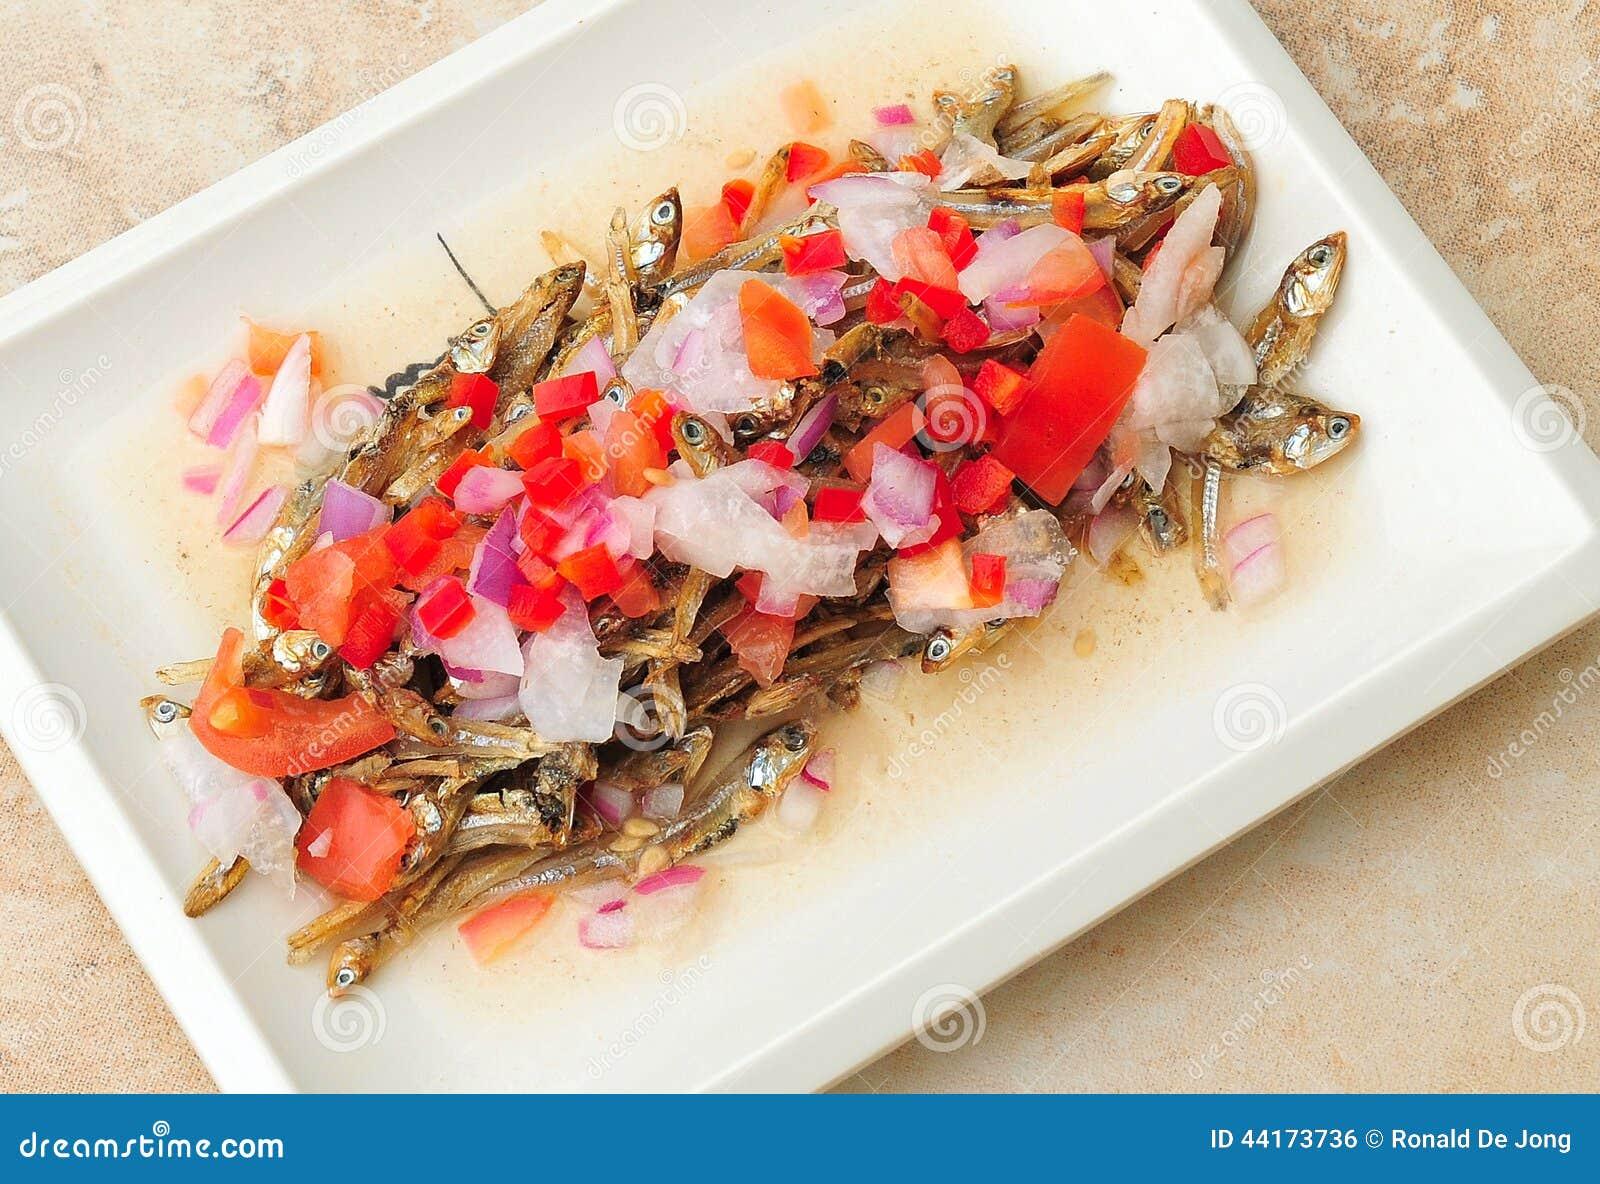 Lebensmittel von den Philippinen, Dilis, getrocknet, Fried Anchovies Salad